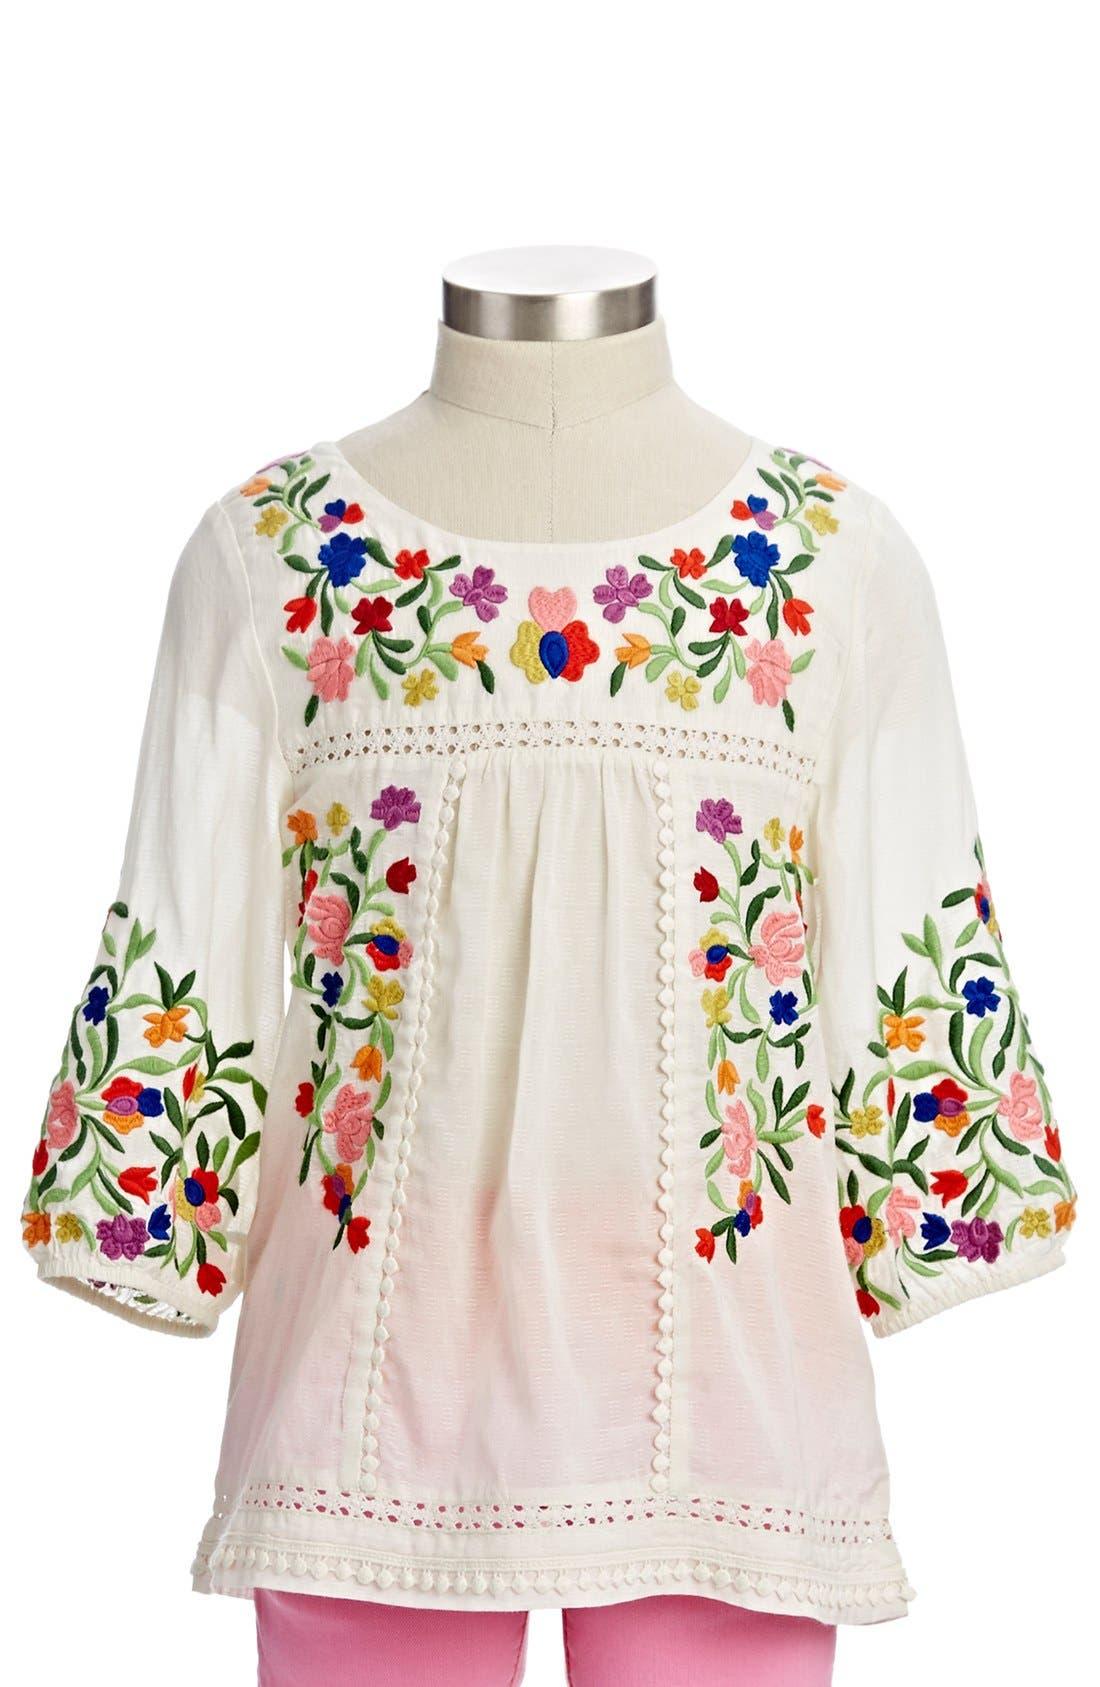 Main Image - Peek 'Marin' Embroidered Peasant Top (Toddler Girls, Little Girls & Big Girls)